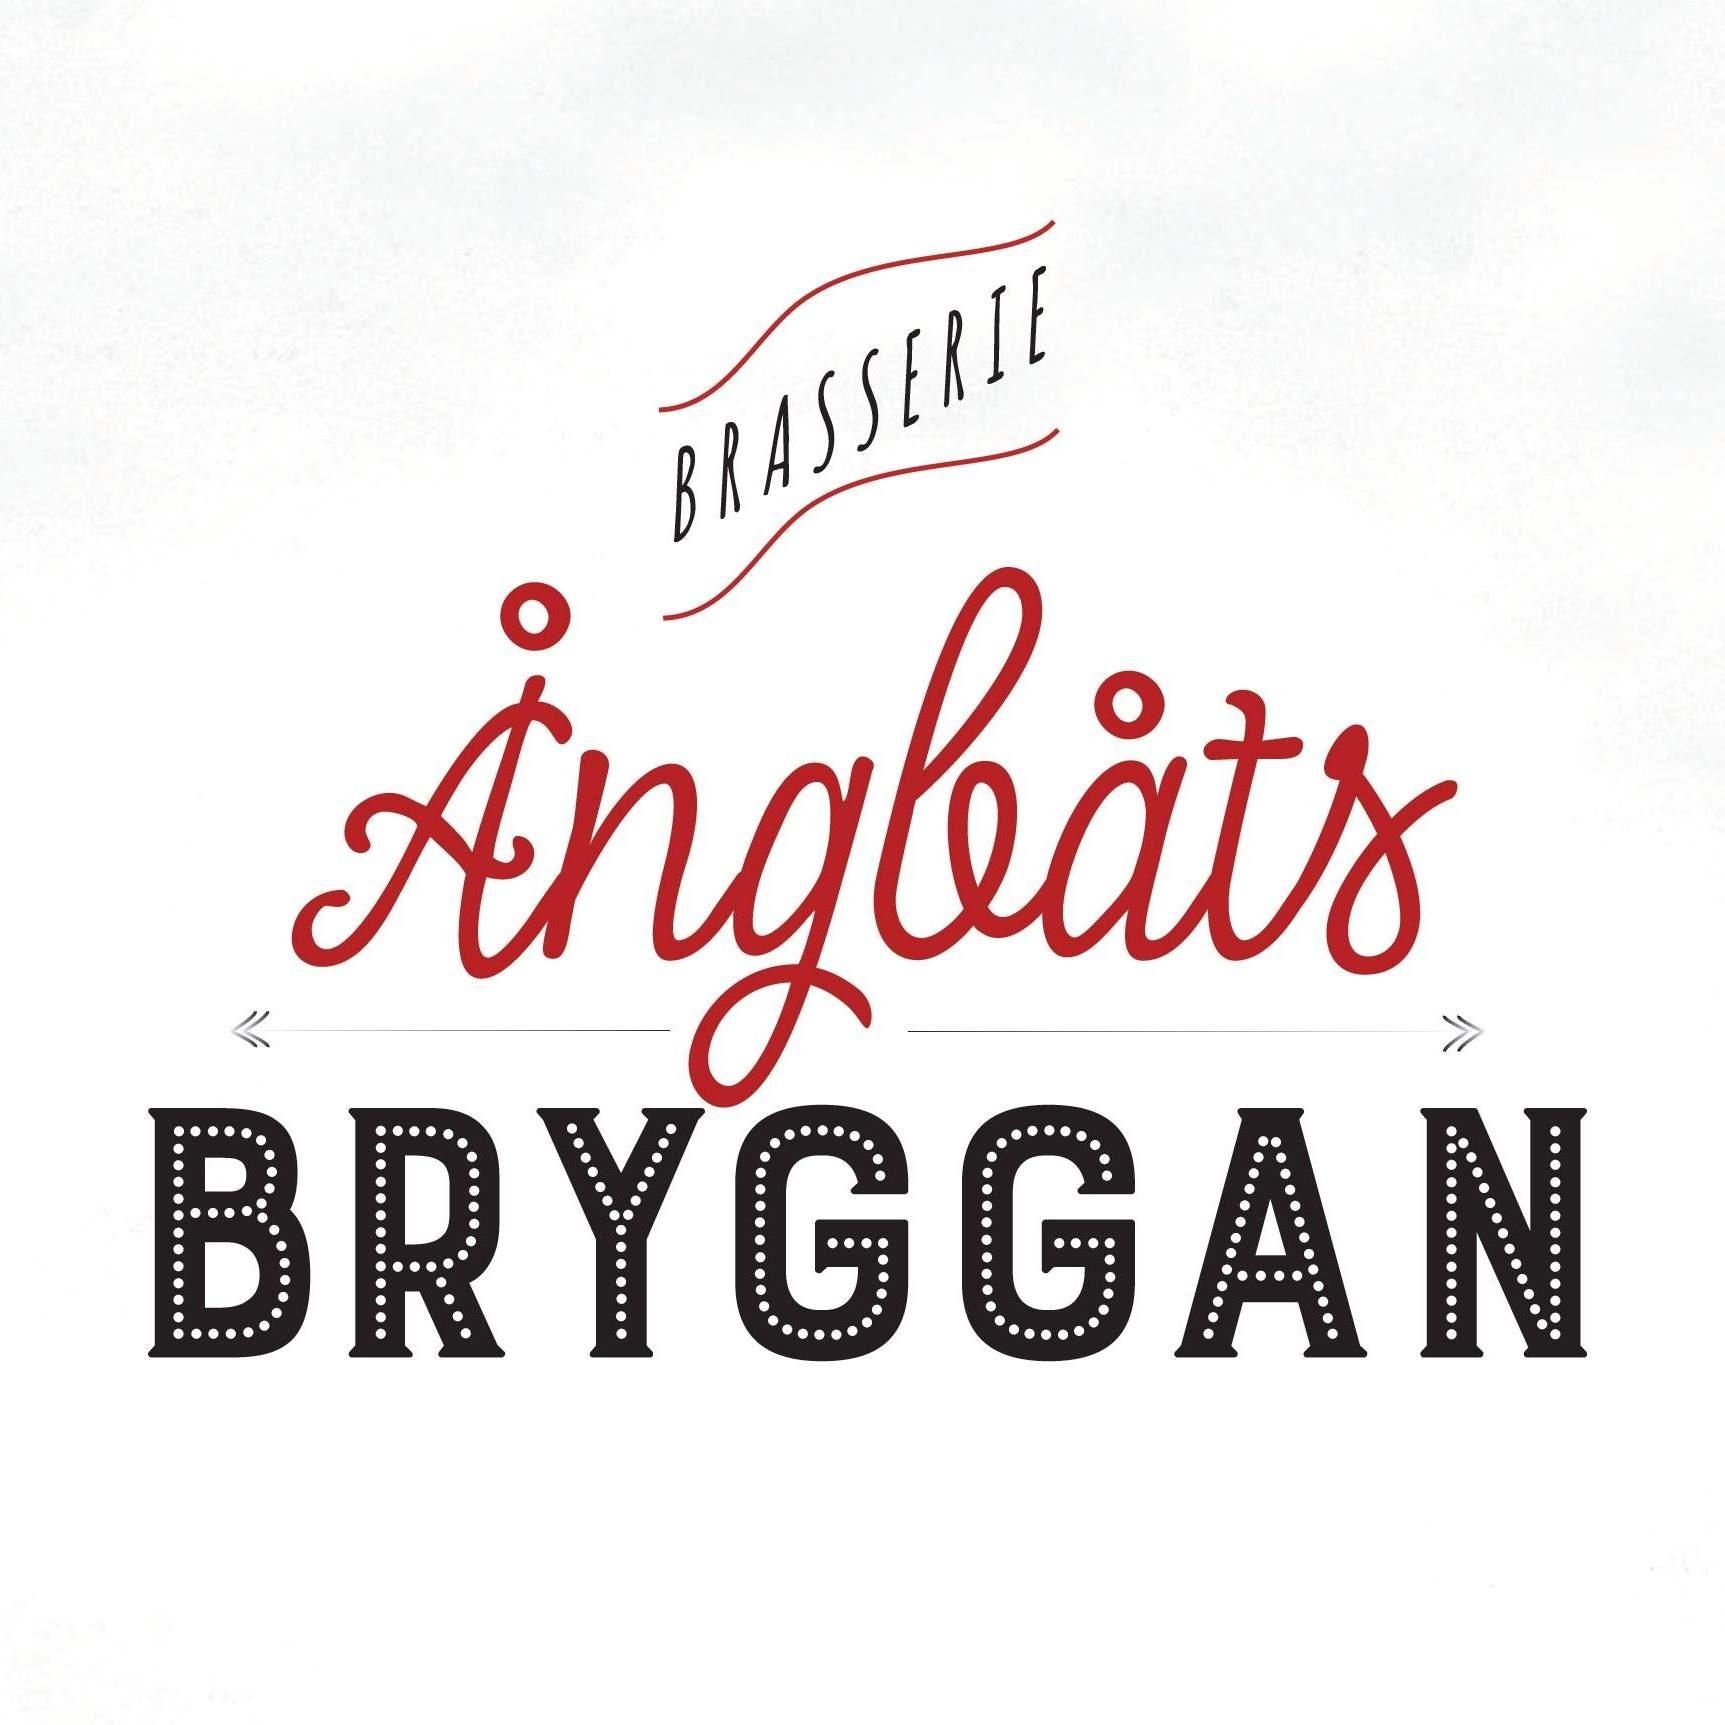 Brasserie Ångbåtsbryggan